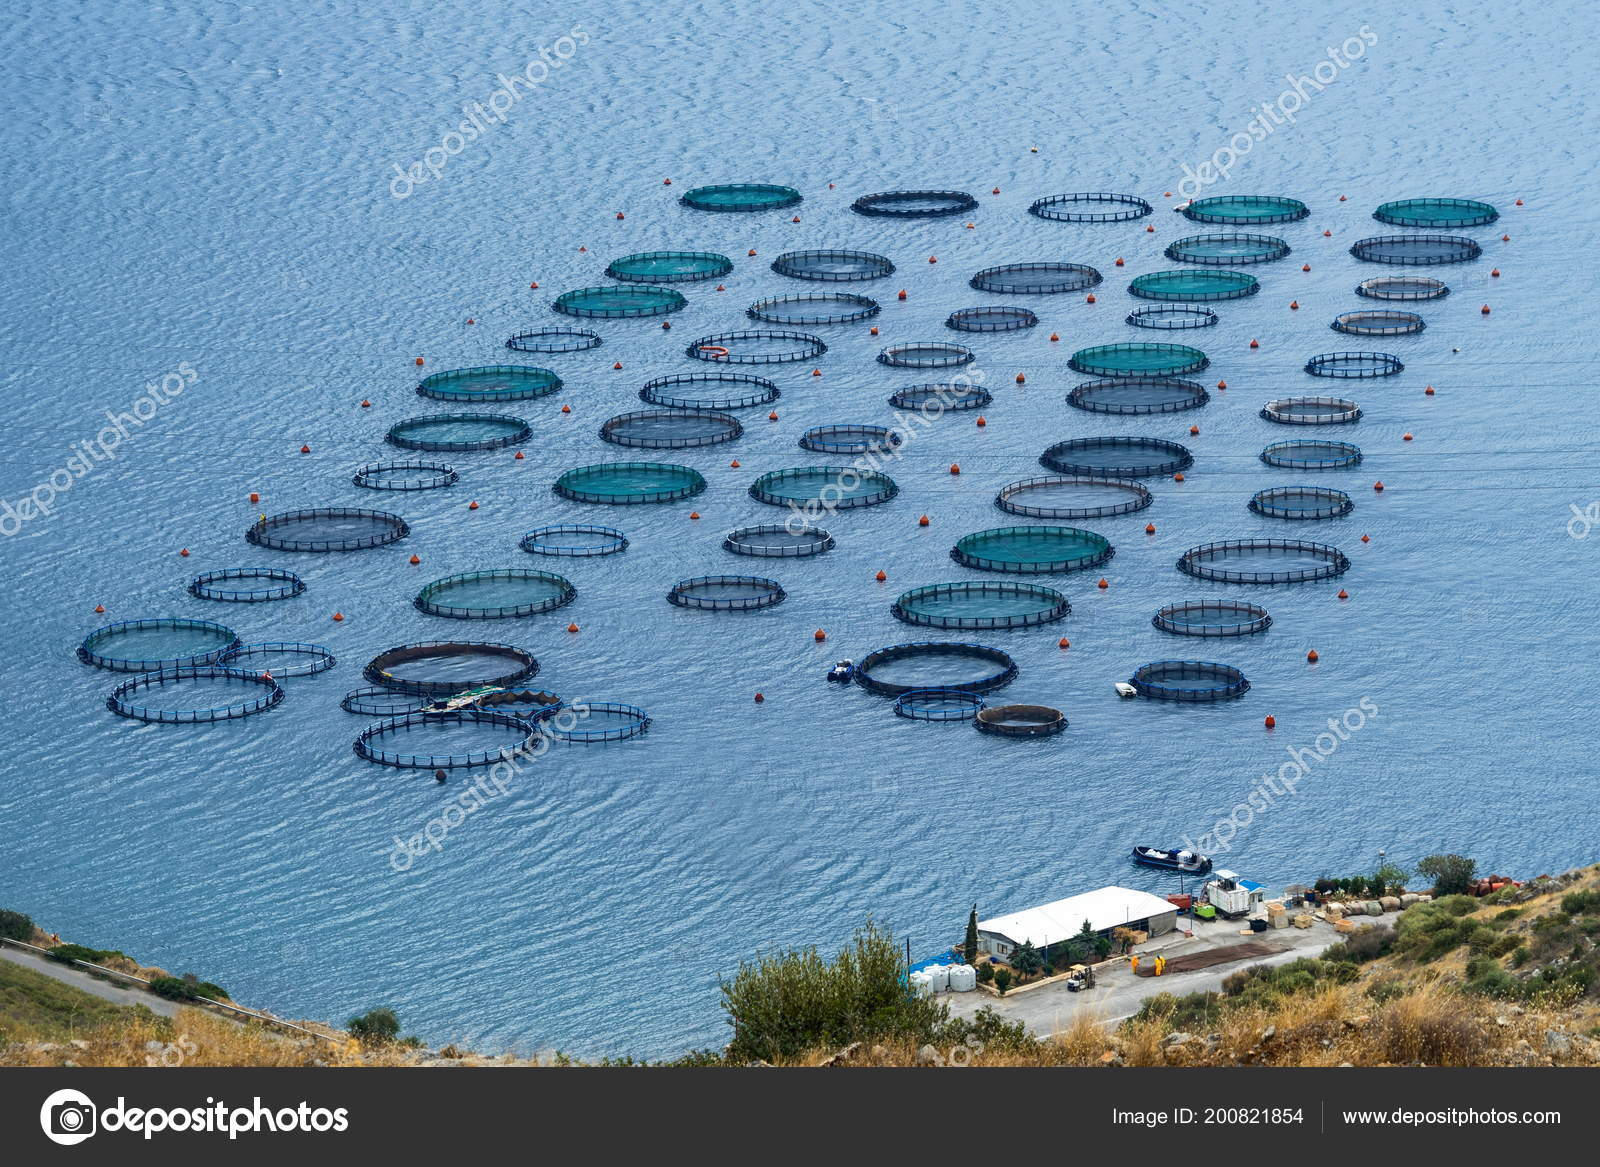 Fish Farming Tanks Amarynthos Euboea Greece — Stock Photo